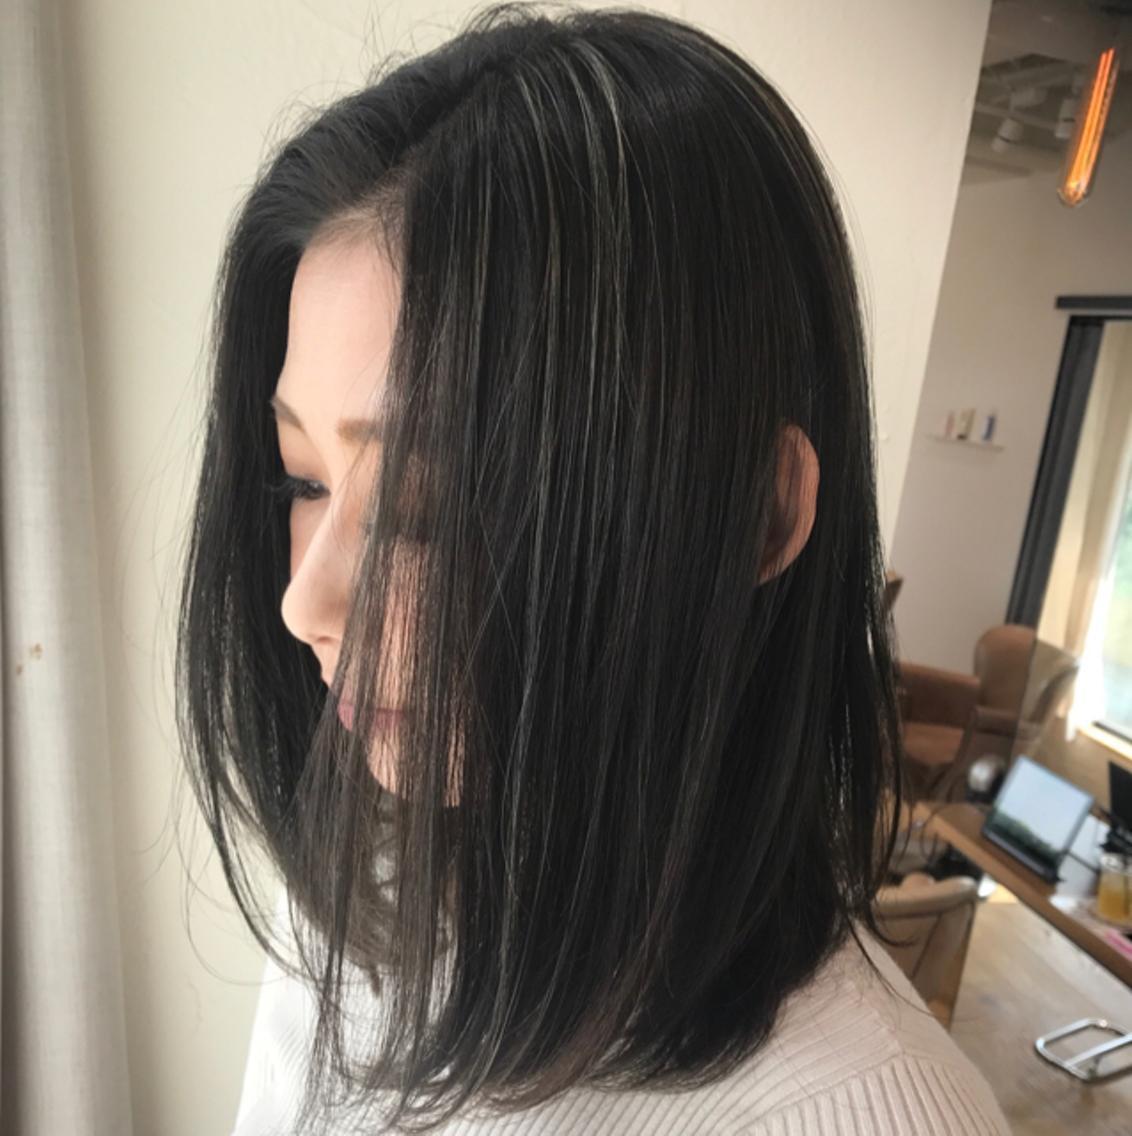 《✨基本営業後✨》♦️縮毛矯正、ハイライトカラー、デジタルパーマモデル募集♦️